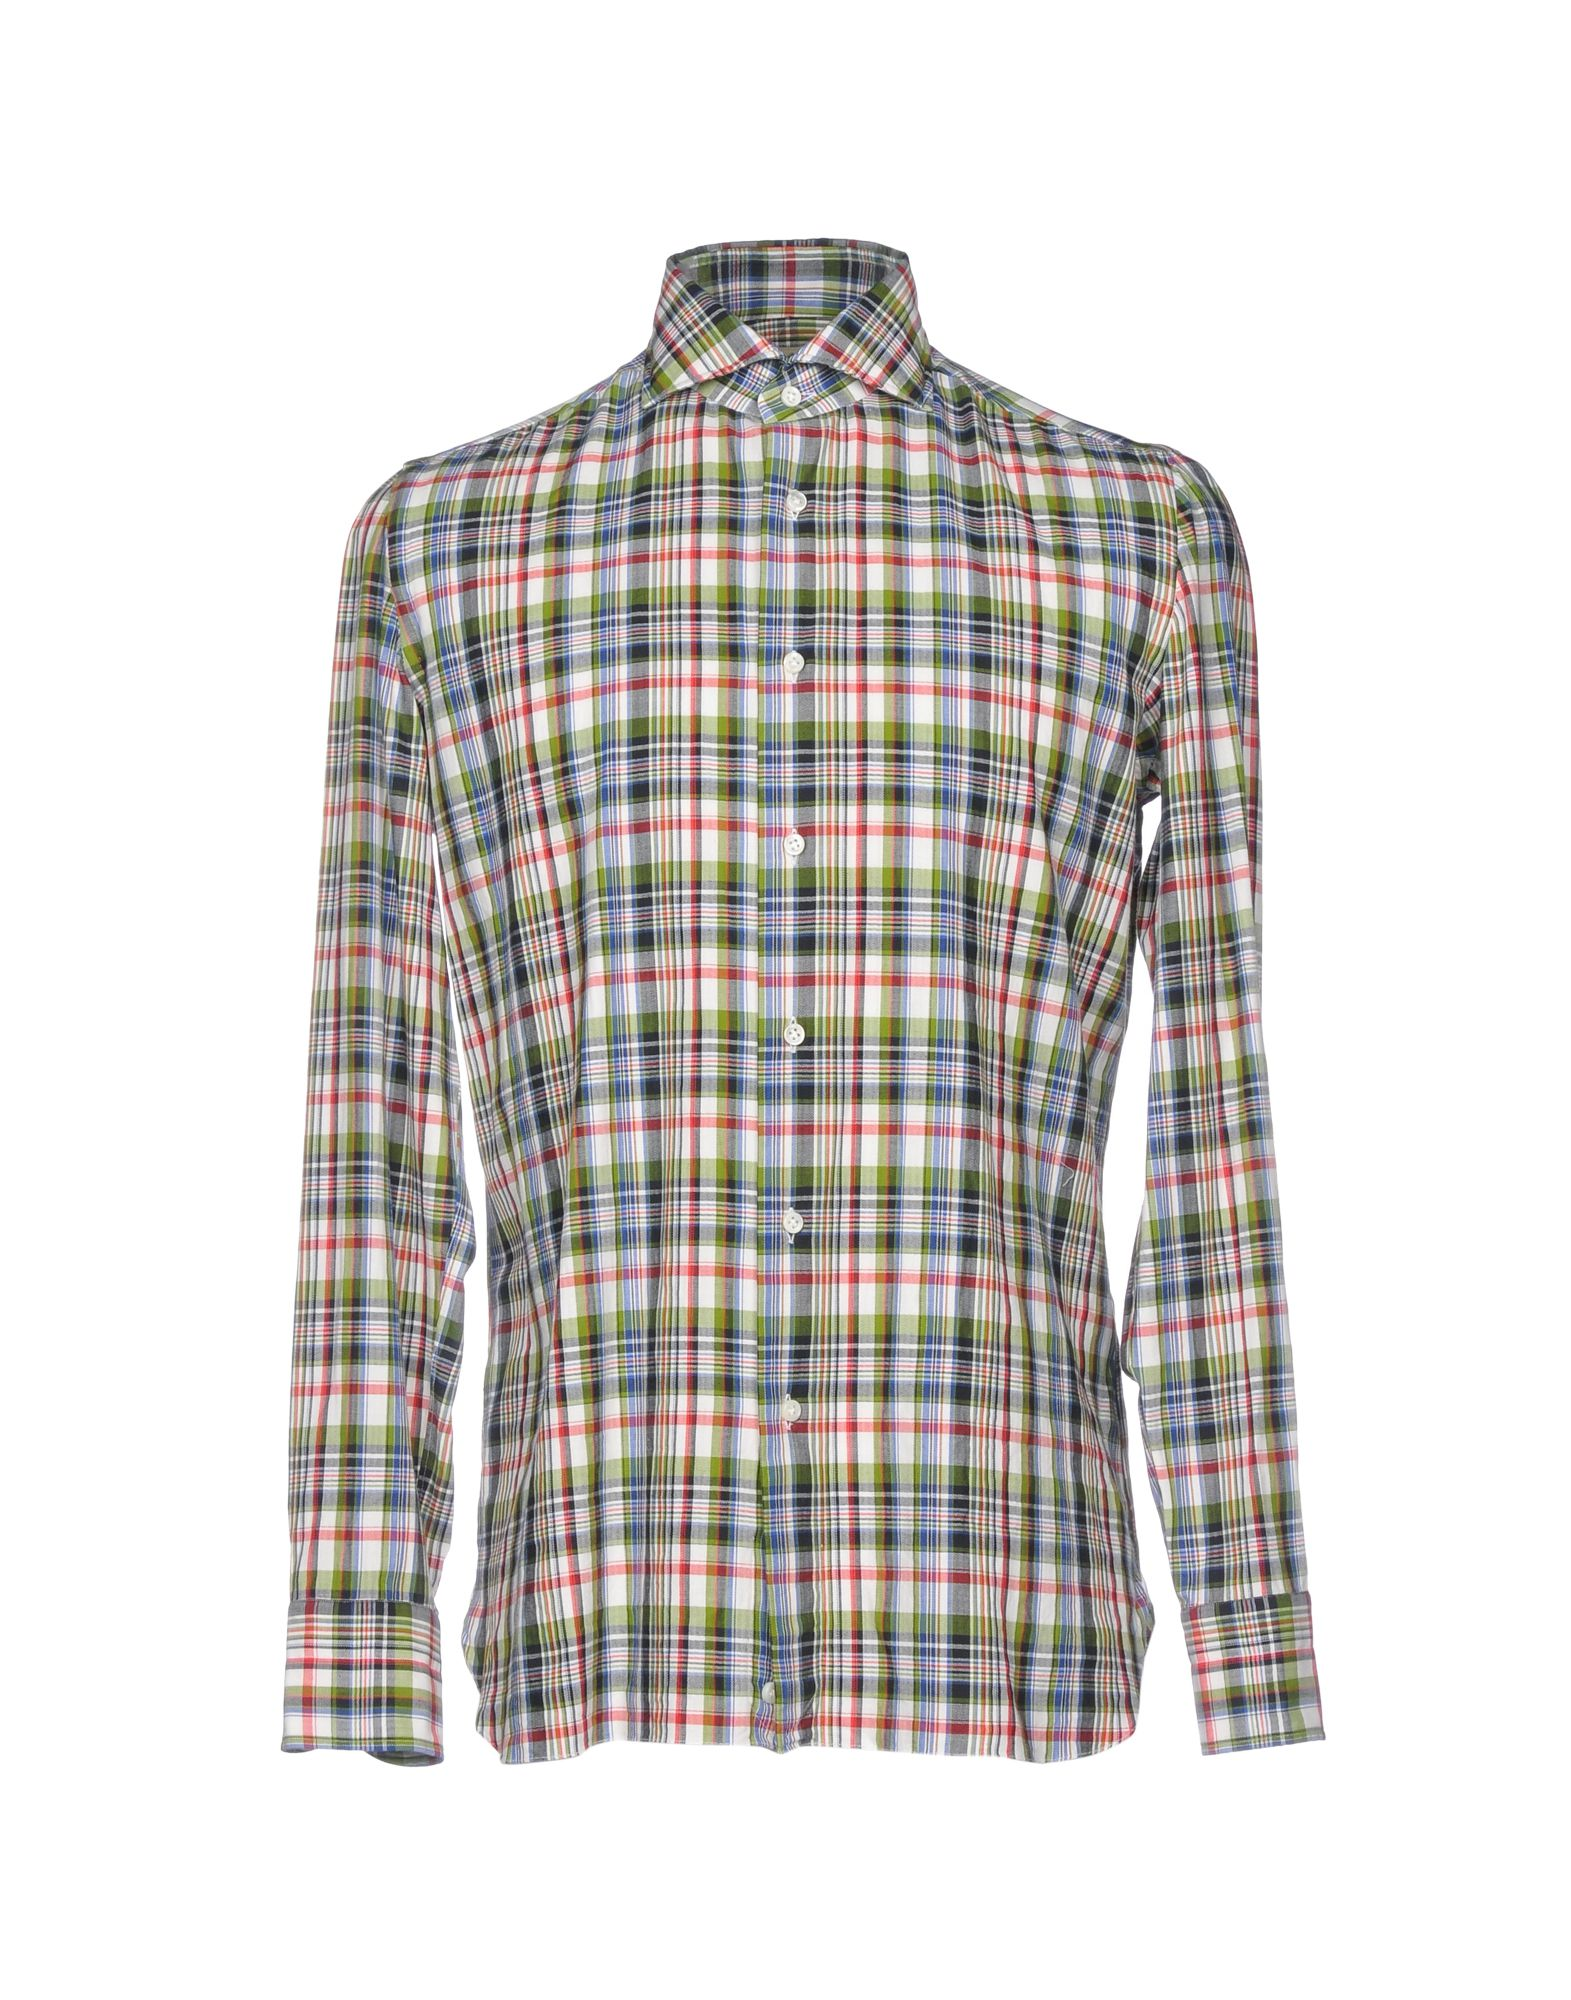 《送料無料》LUIGI BORRELLI NAPOLI メンズ シャツ ライトグリーン 39 コットン 100%